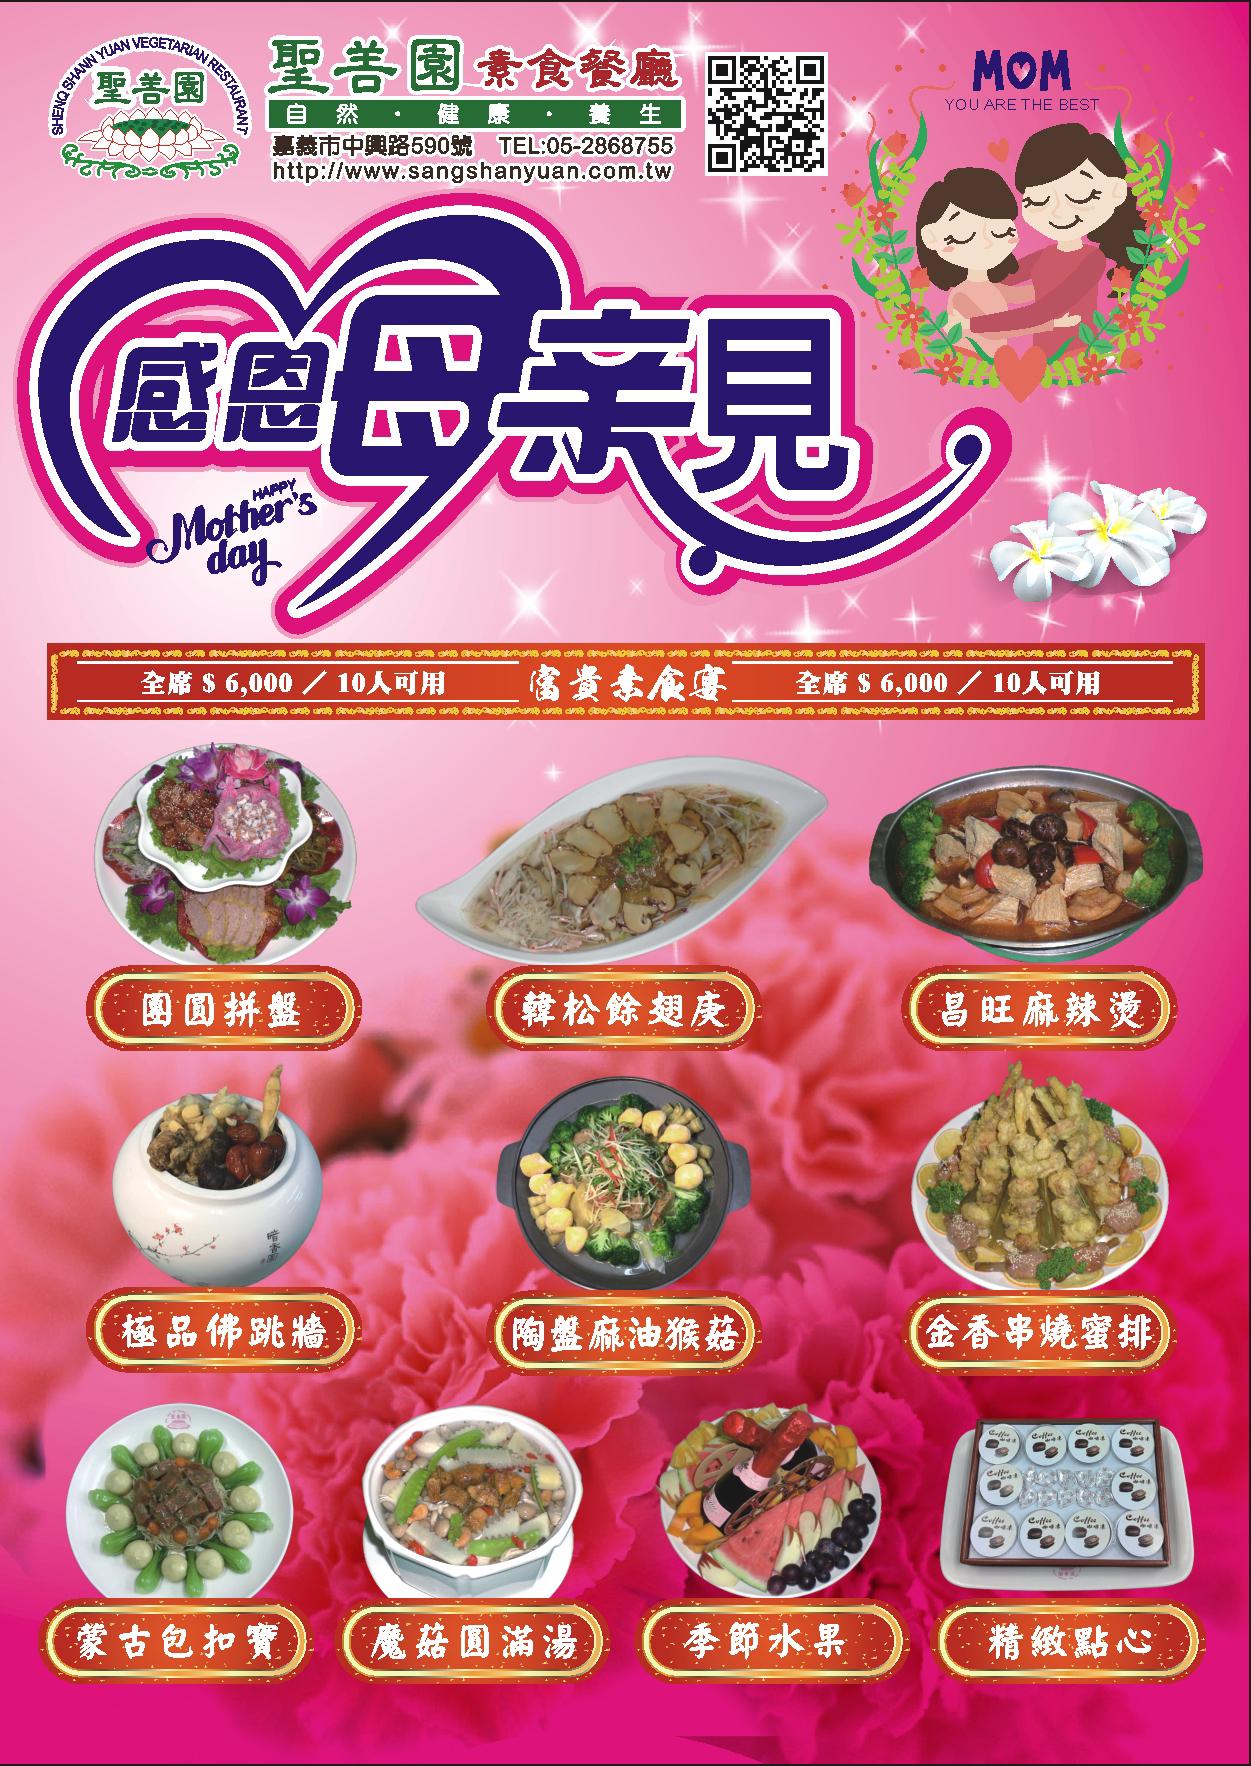 2018 狗年 A3 菜單-01-1.jpg